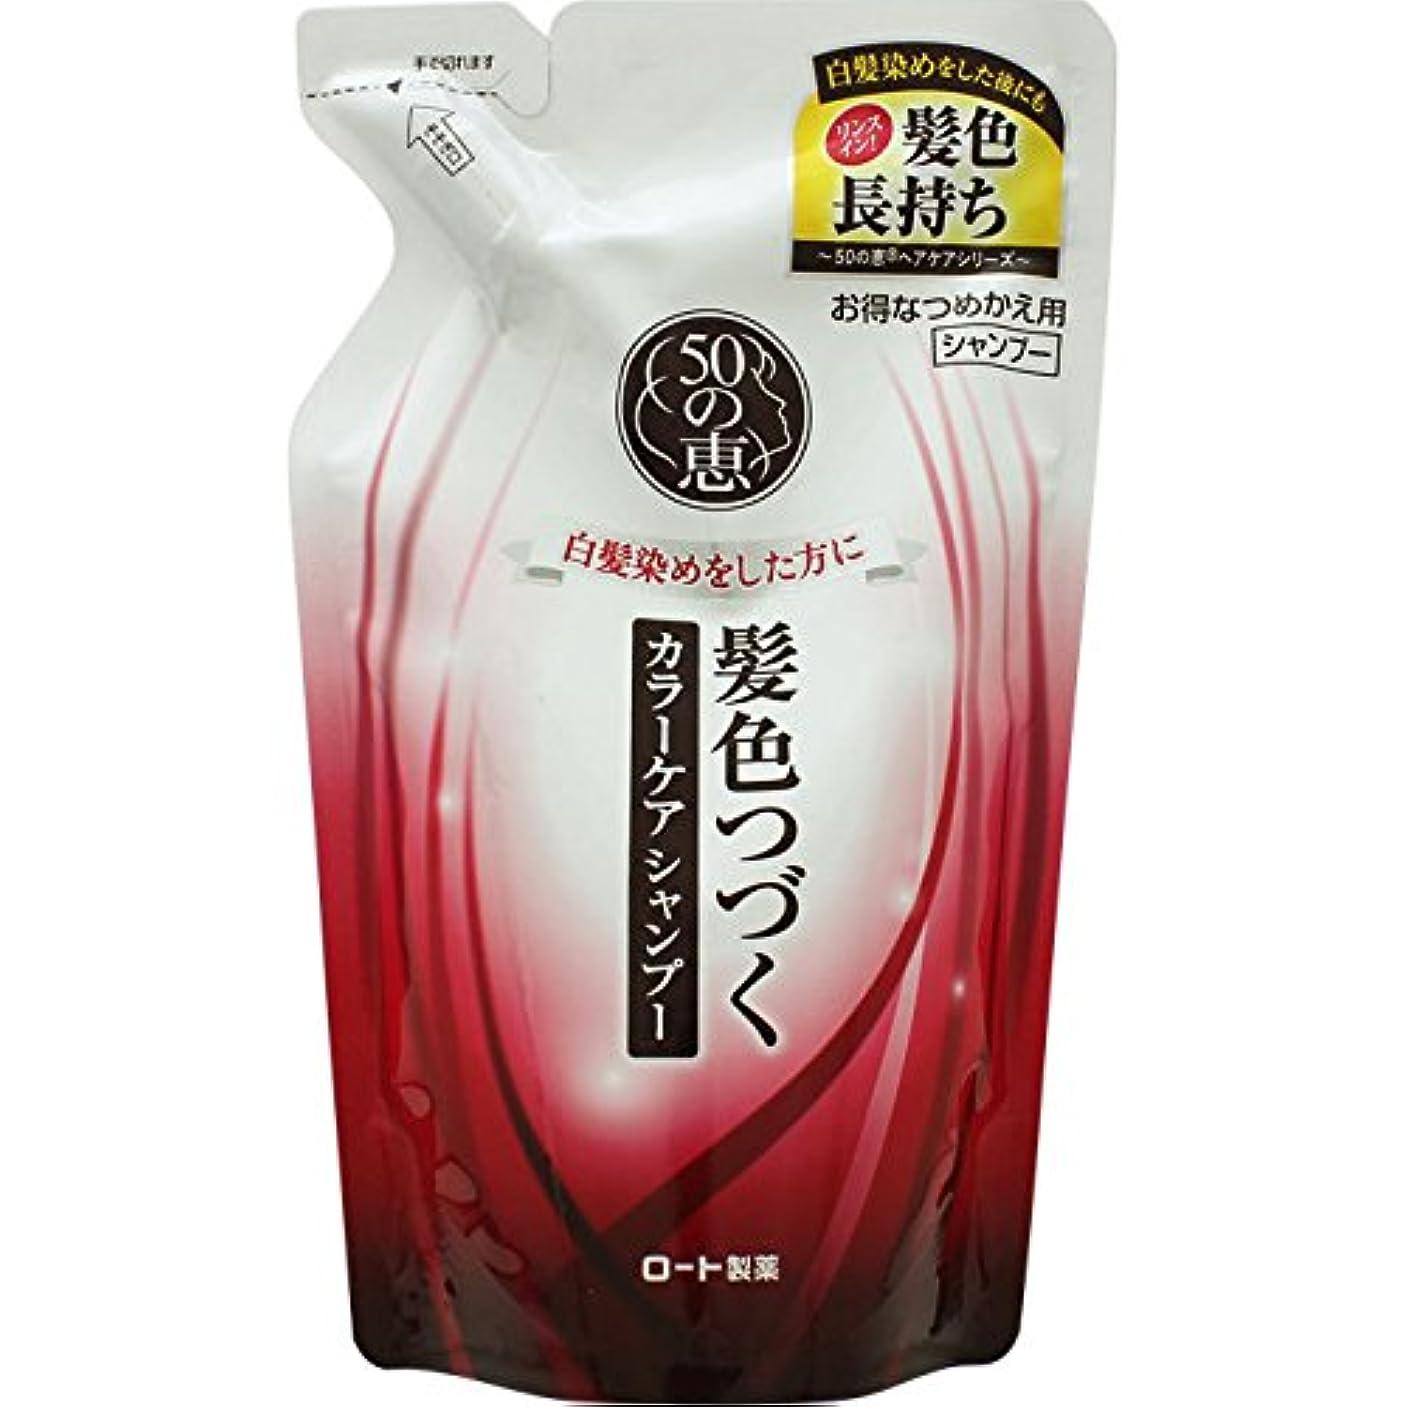 菊要求する長さロート製薬 50の恵エイジングケア カラーケアシャンプー 詰替用 330mL